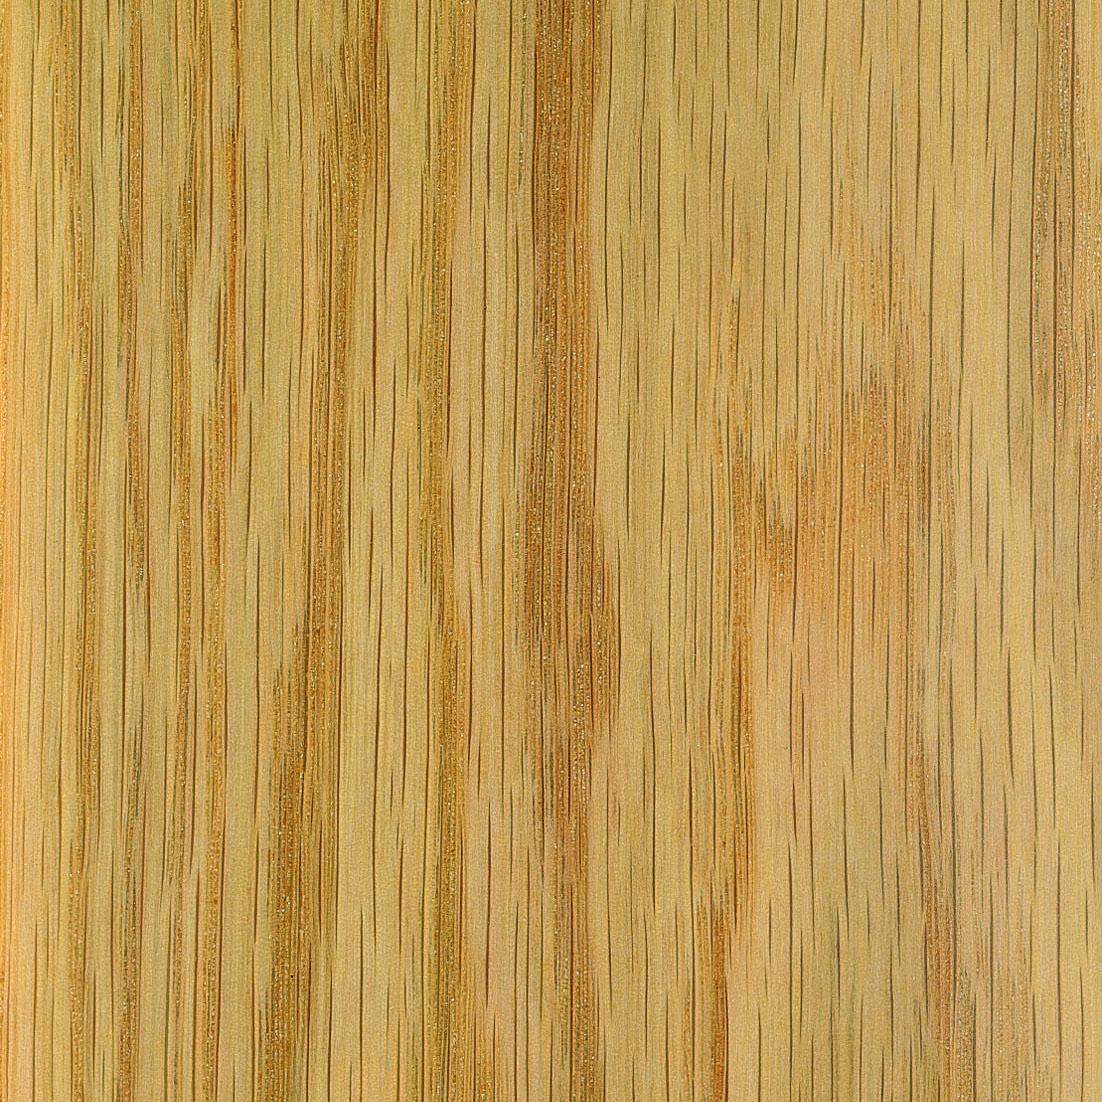 Mesa de comedor en madera maciza y chapa natural de roble - Muebles de madera en crudo ...